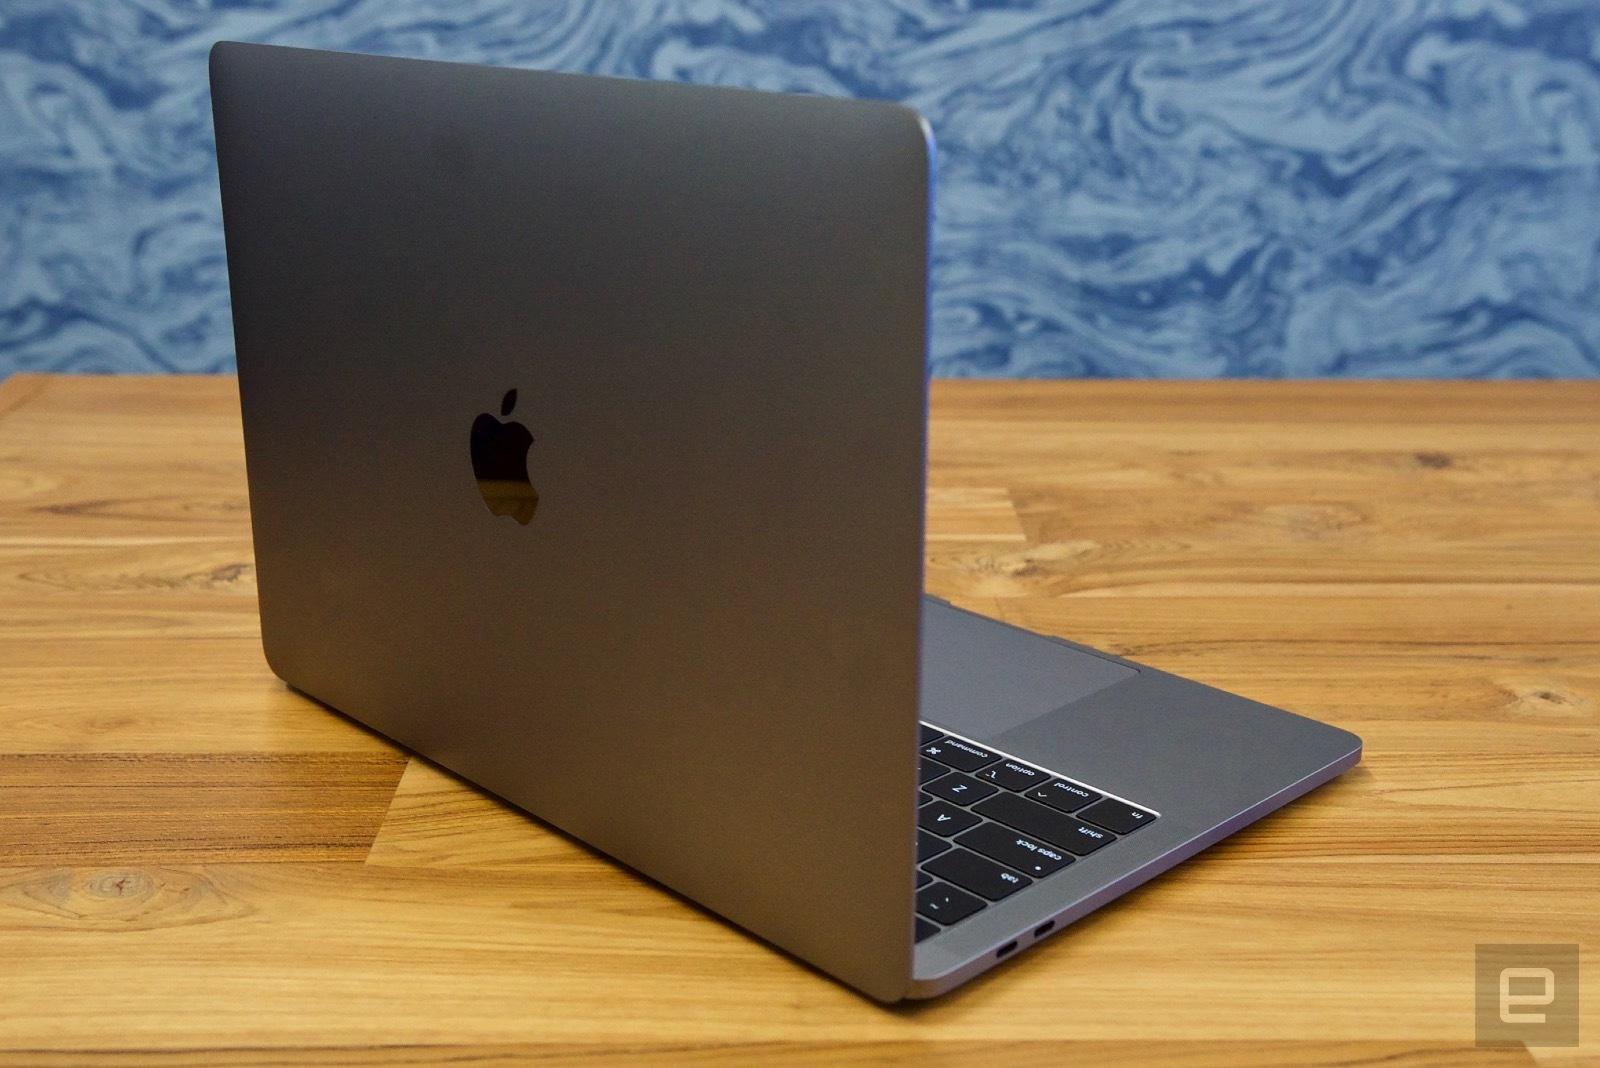 apple 13 inch macbook pro 2019 1 2